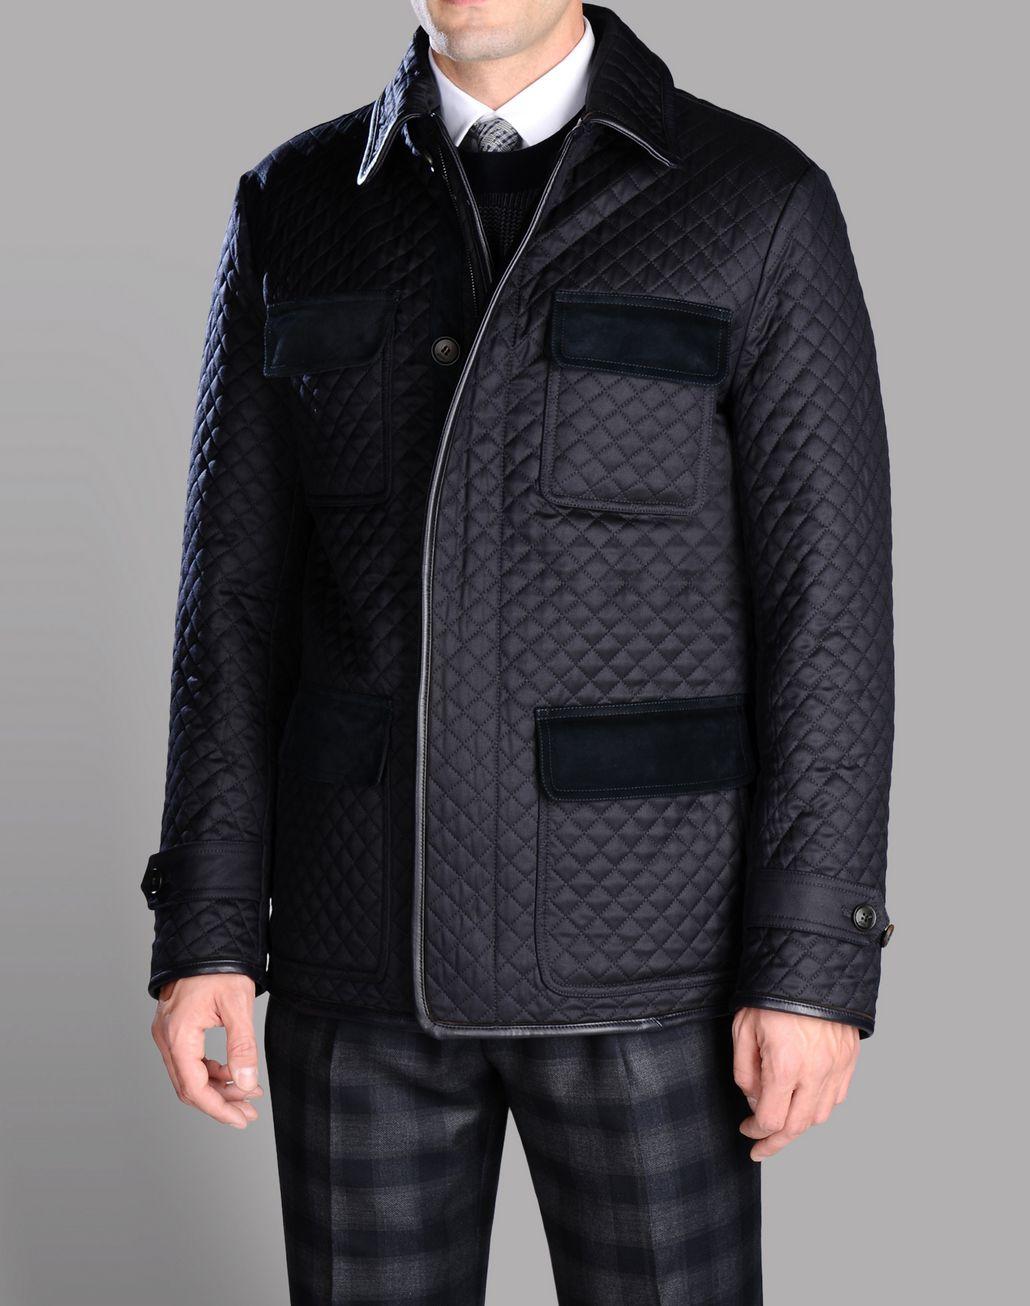 Brioni Men S Outerwear Brioni Official Online Store